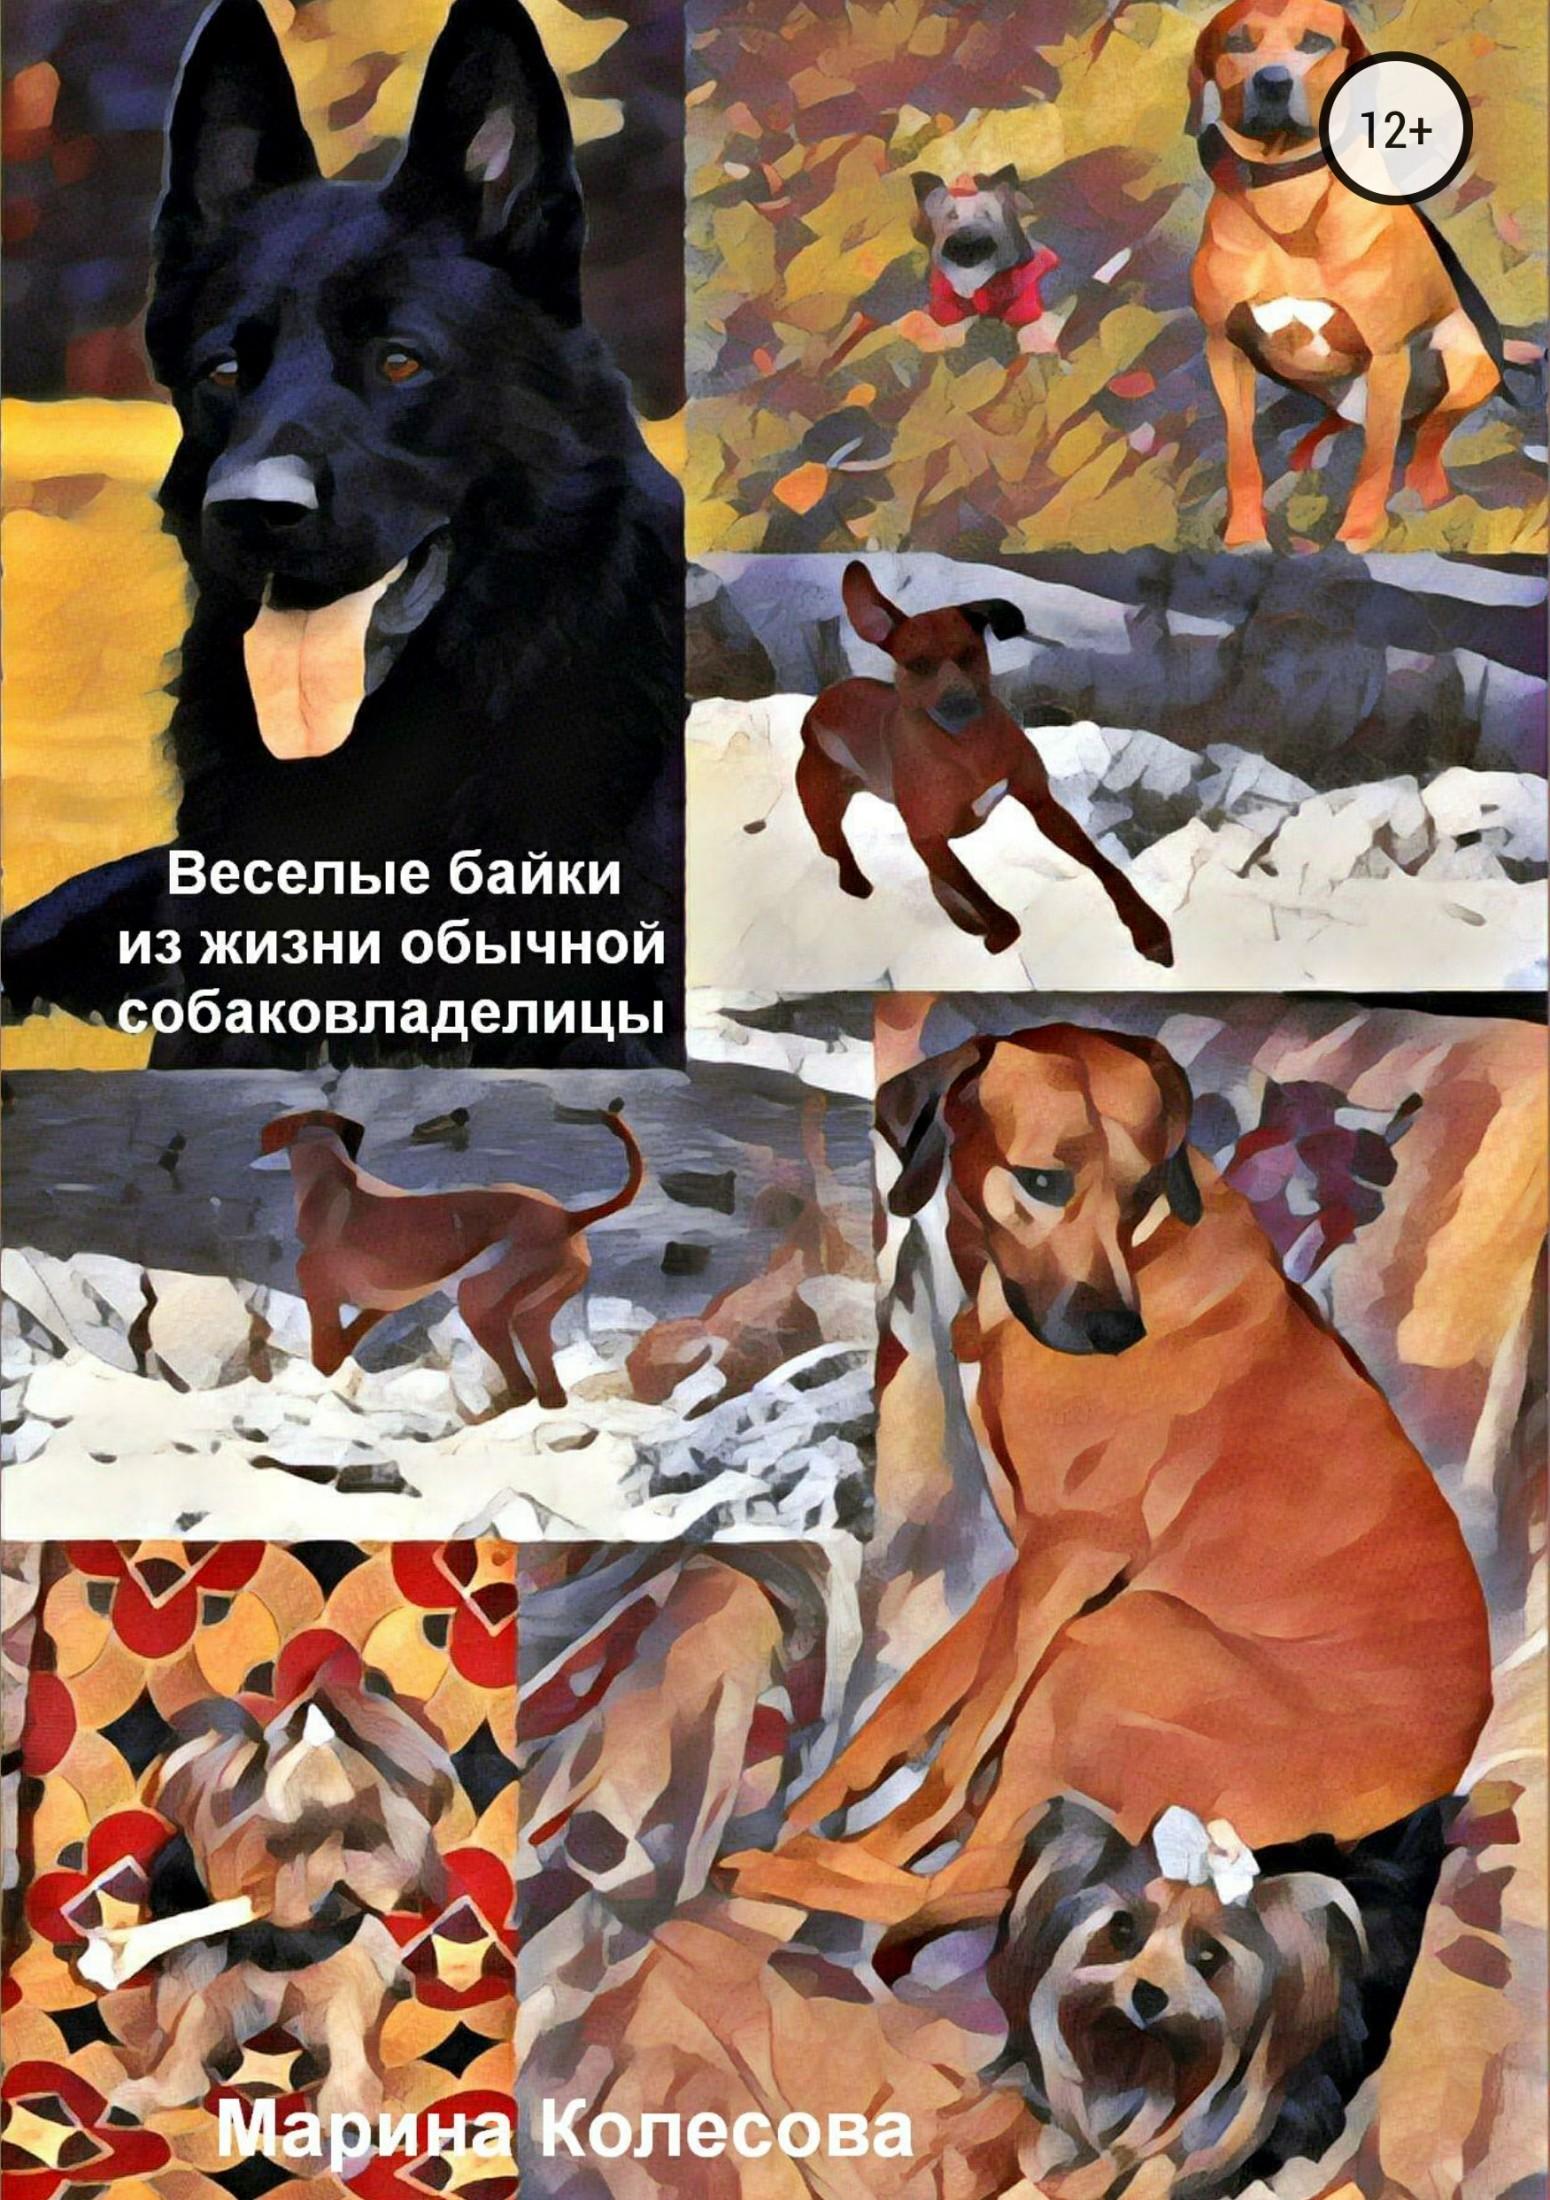 Марина Колесова. Веселые байки из жизни обычной собаковладелицы